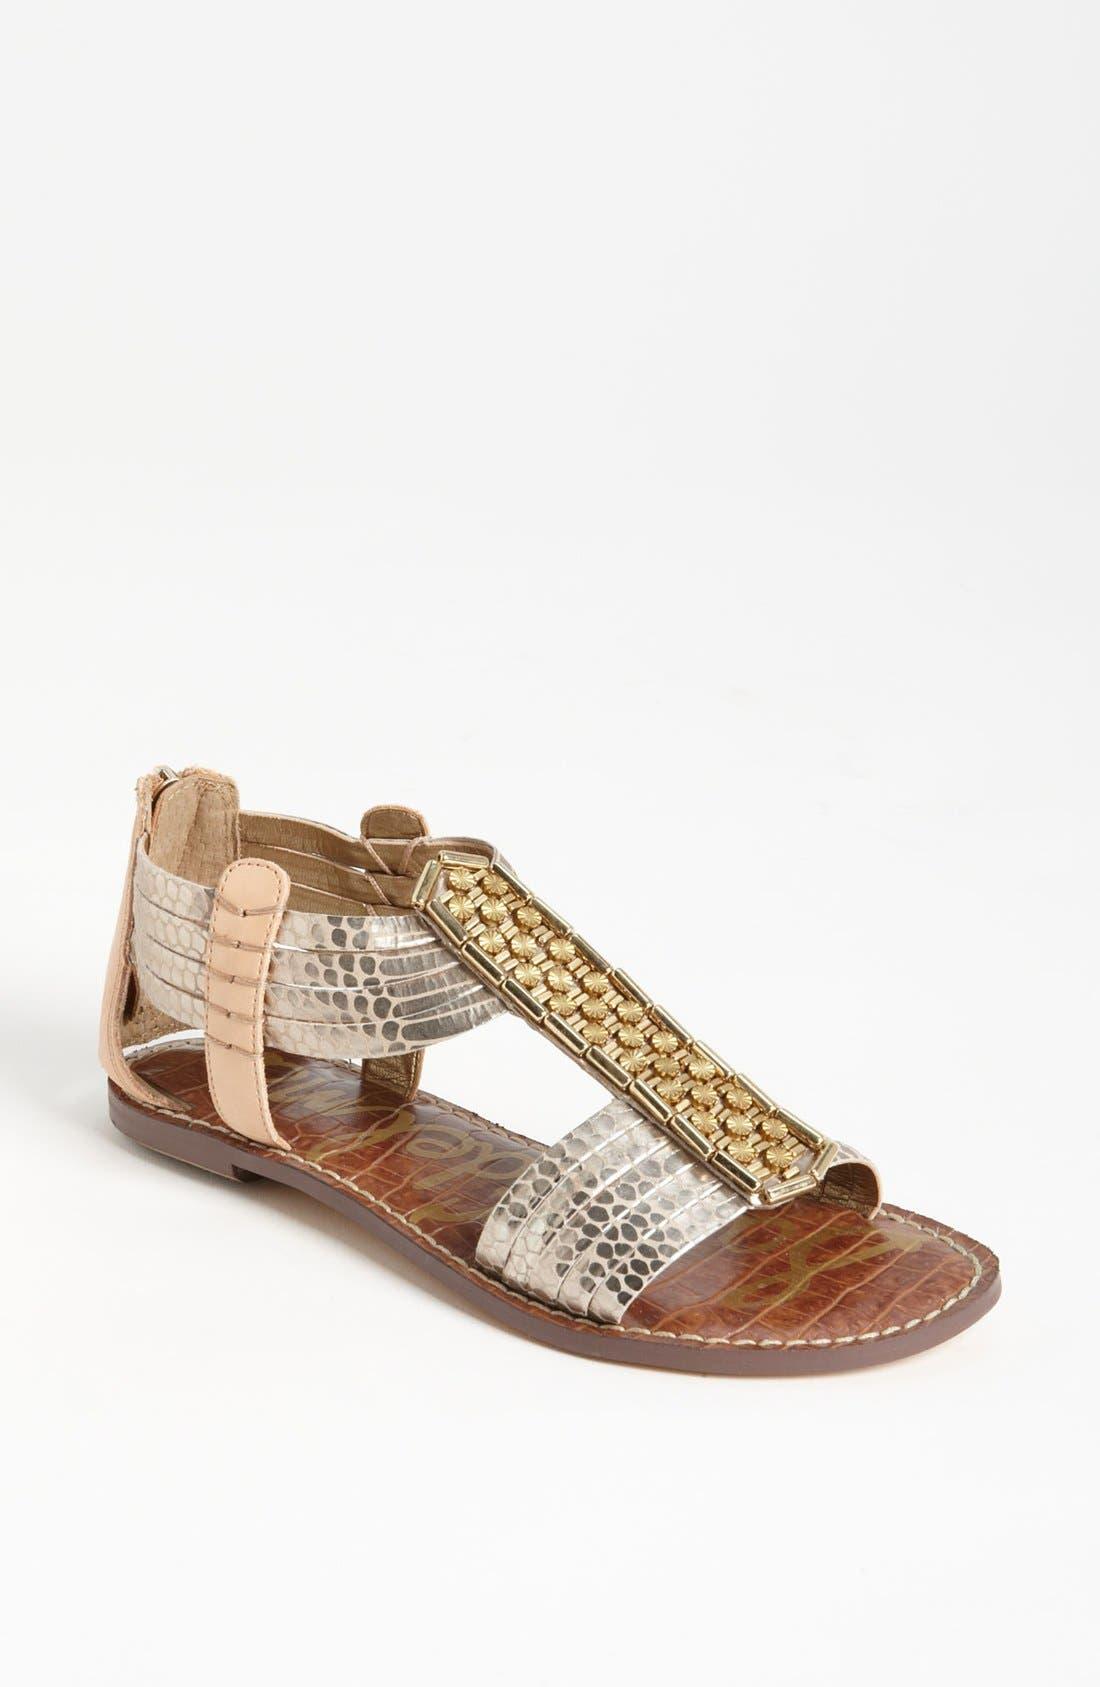 Main Image - Sam Edelman Embellished Sandal